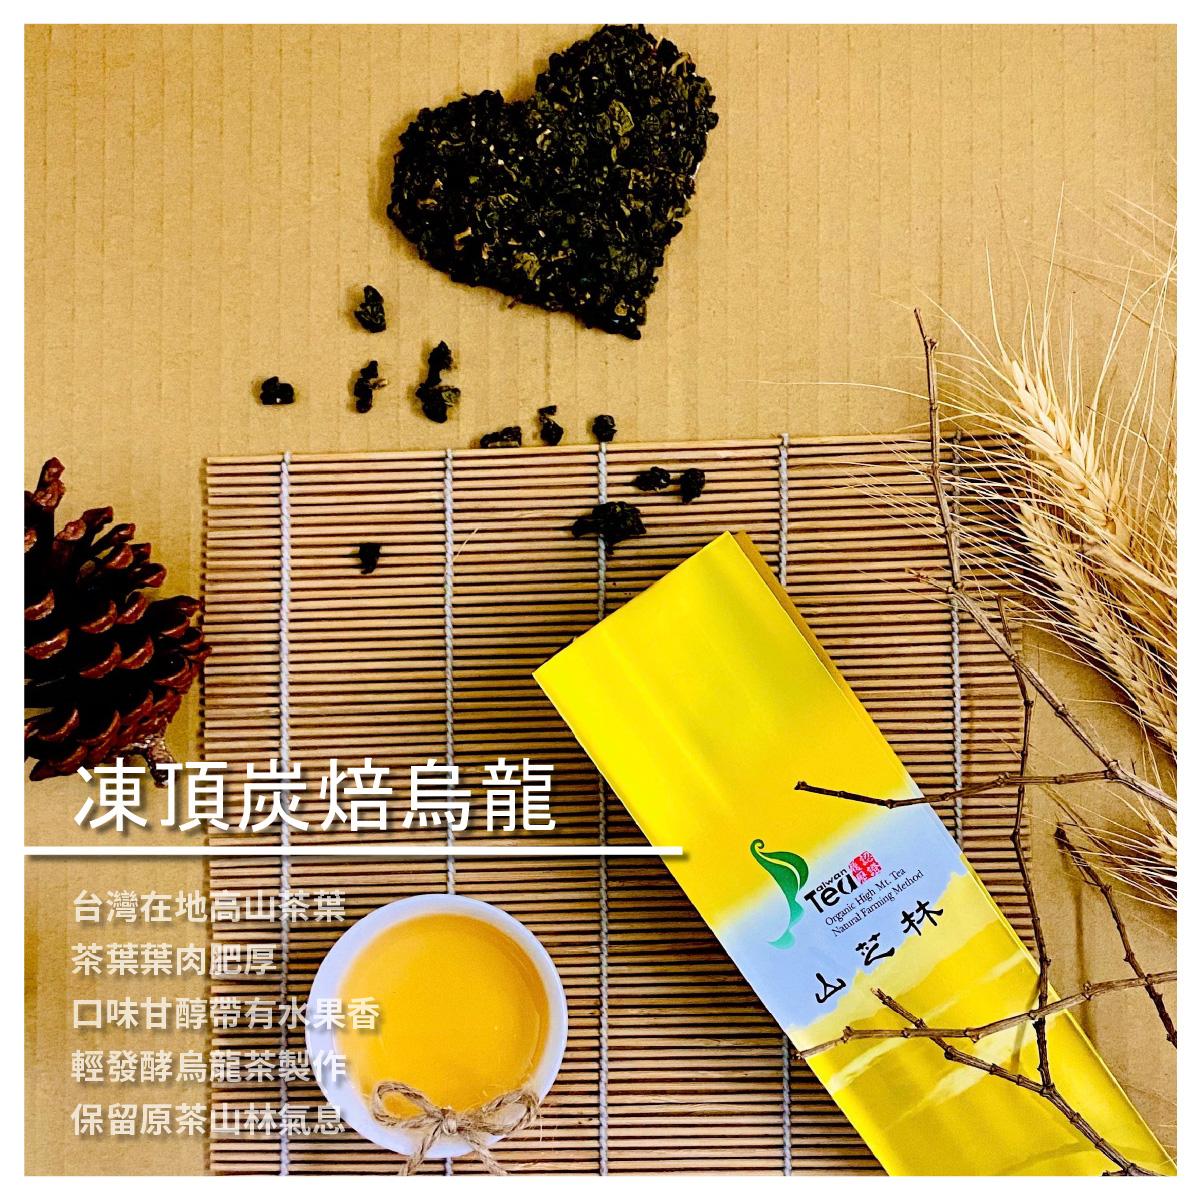 【山芝林茶葉產銷班】凍頂炭焙烏龍/斤